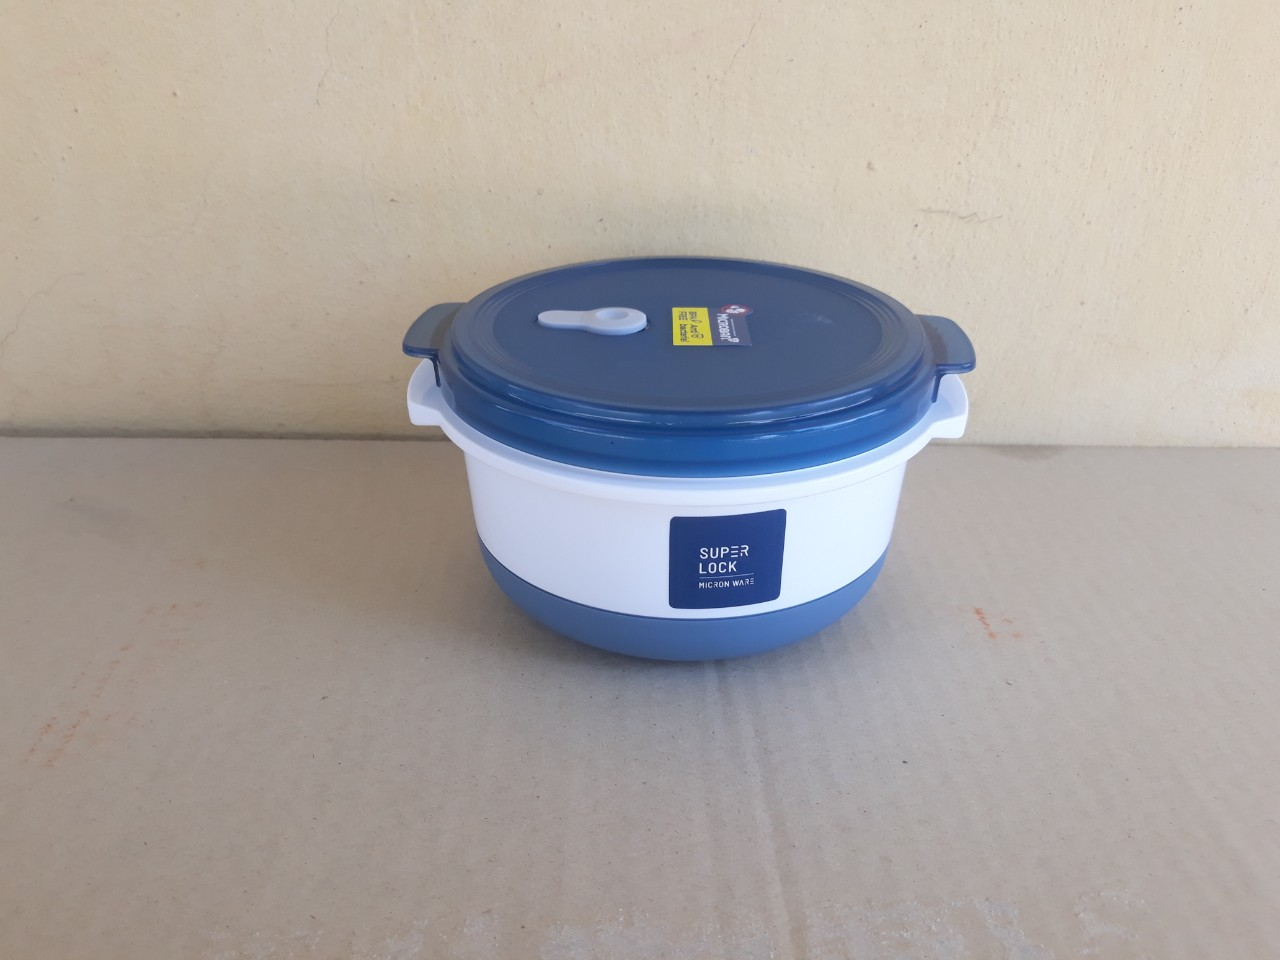 Bộ hâm, hấp thực phẩm trong lò vi sóng (17x8.9cm), Mã số: 6036